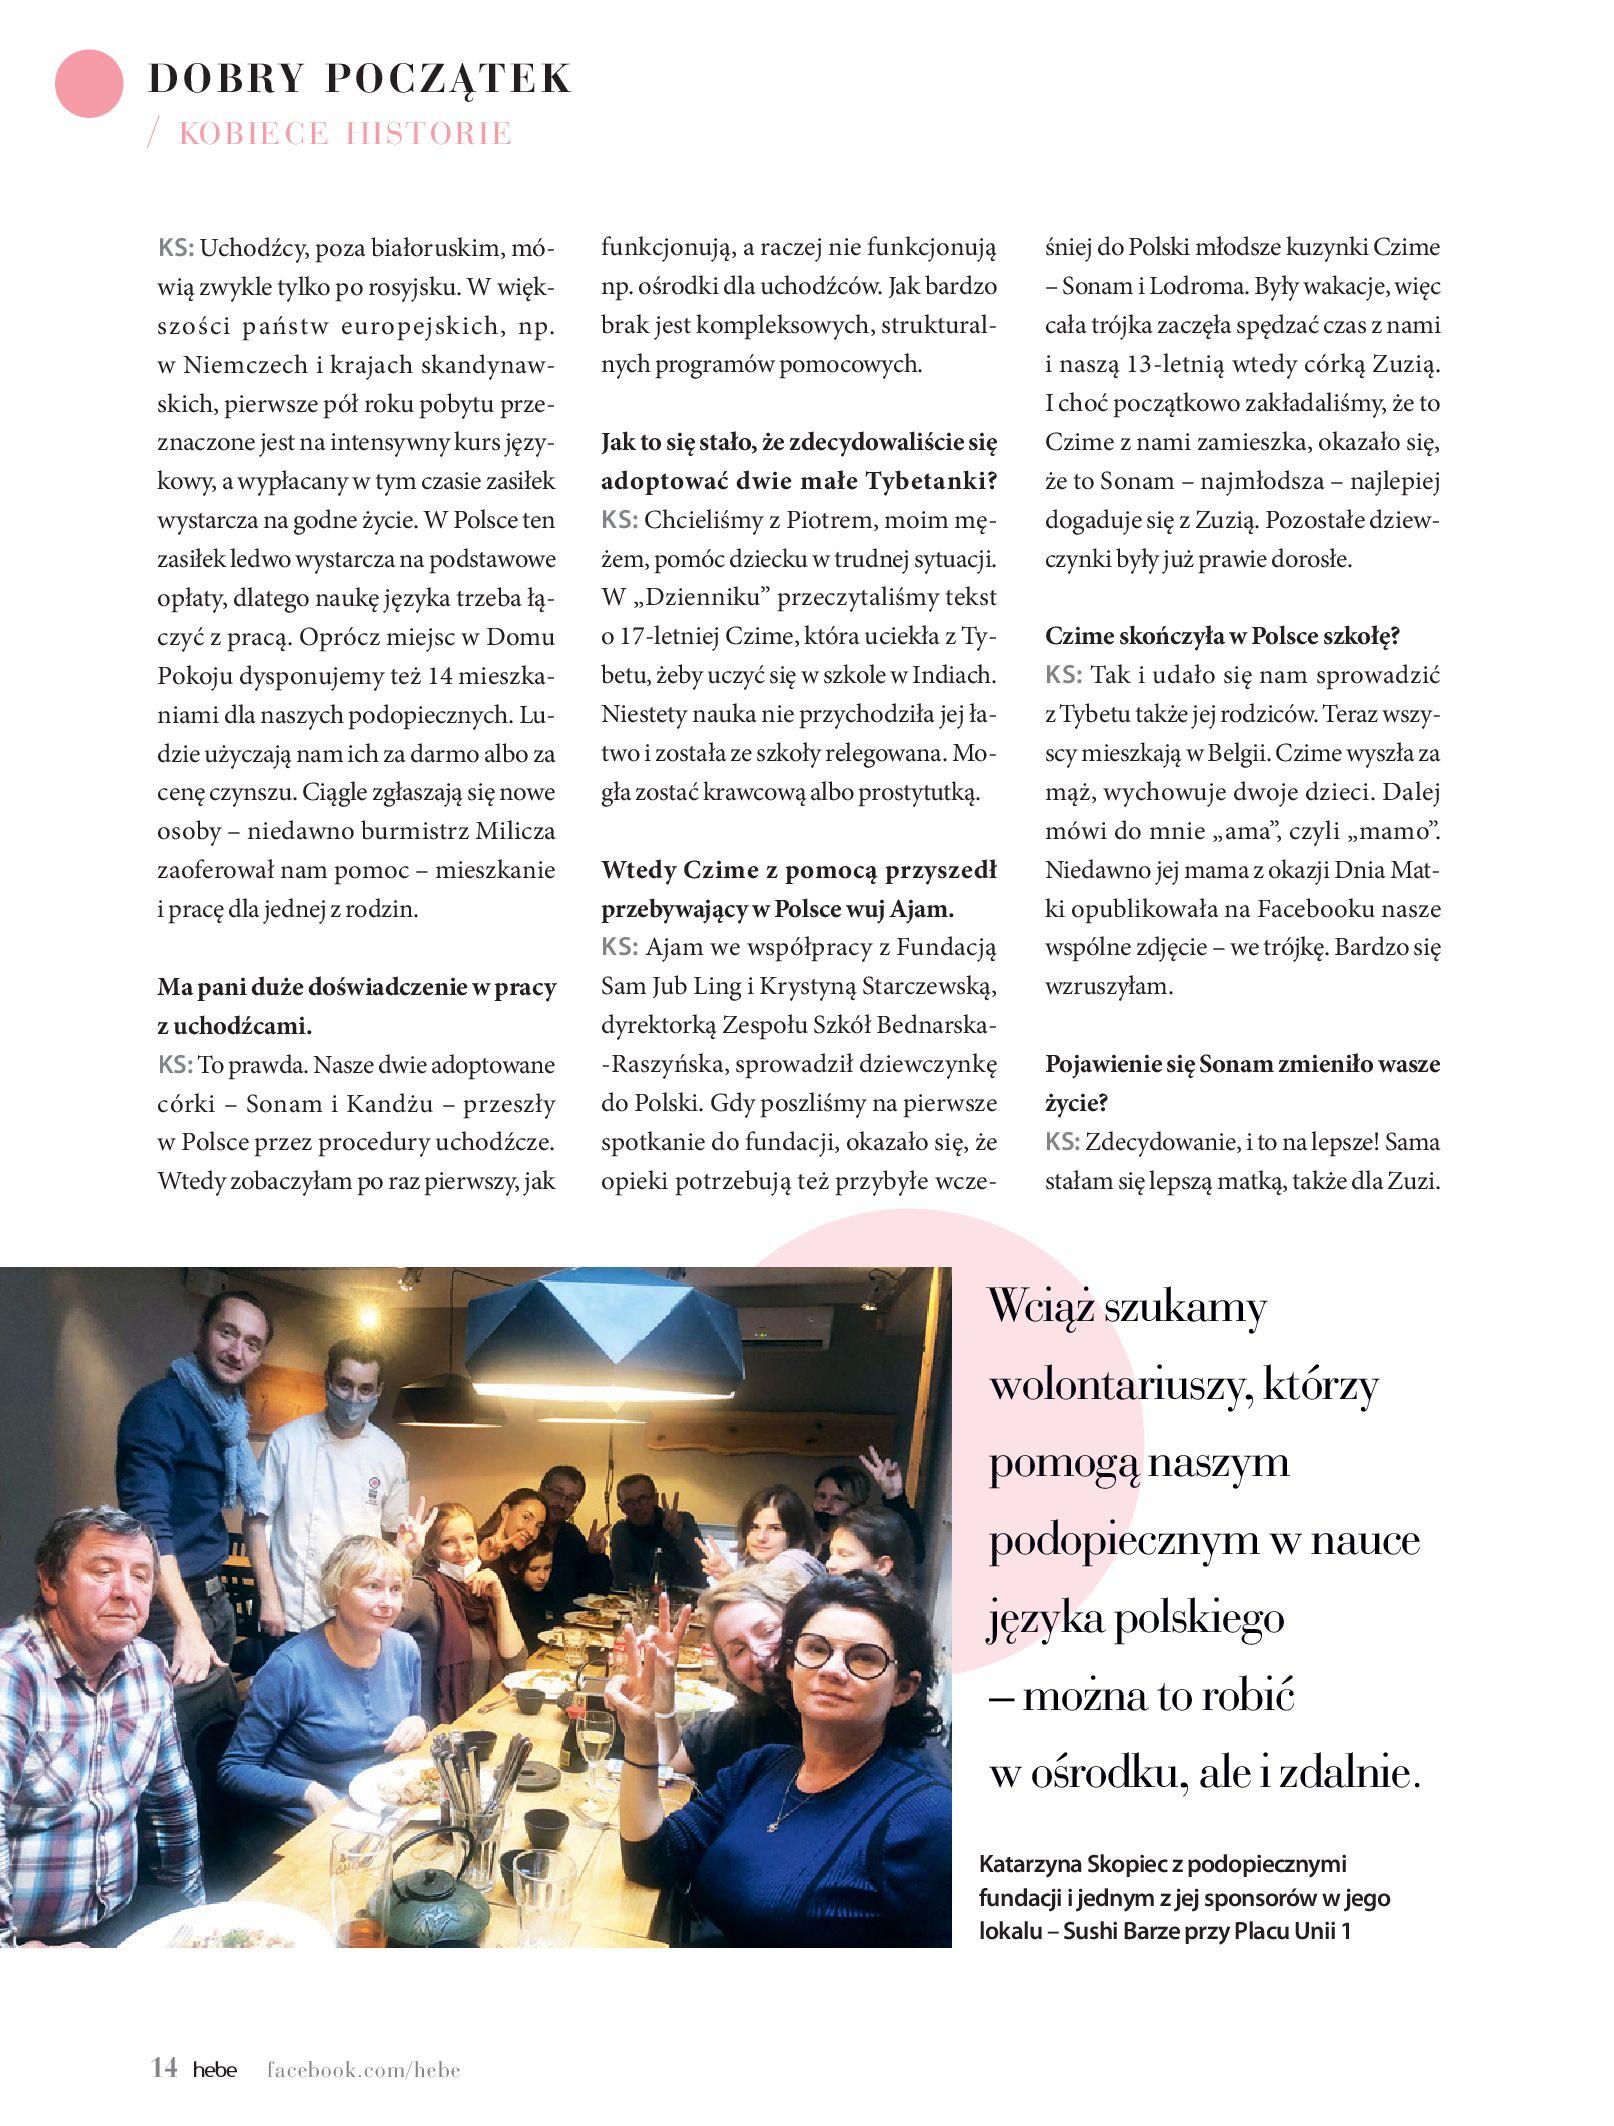 Gazetka hebe: Magazyn hebe - TURBO nawilżanie po urlopie 2021-09-01 page-14